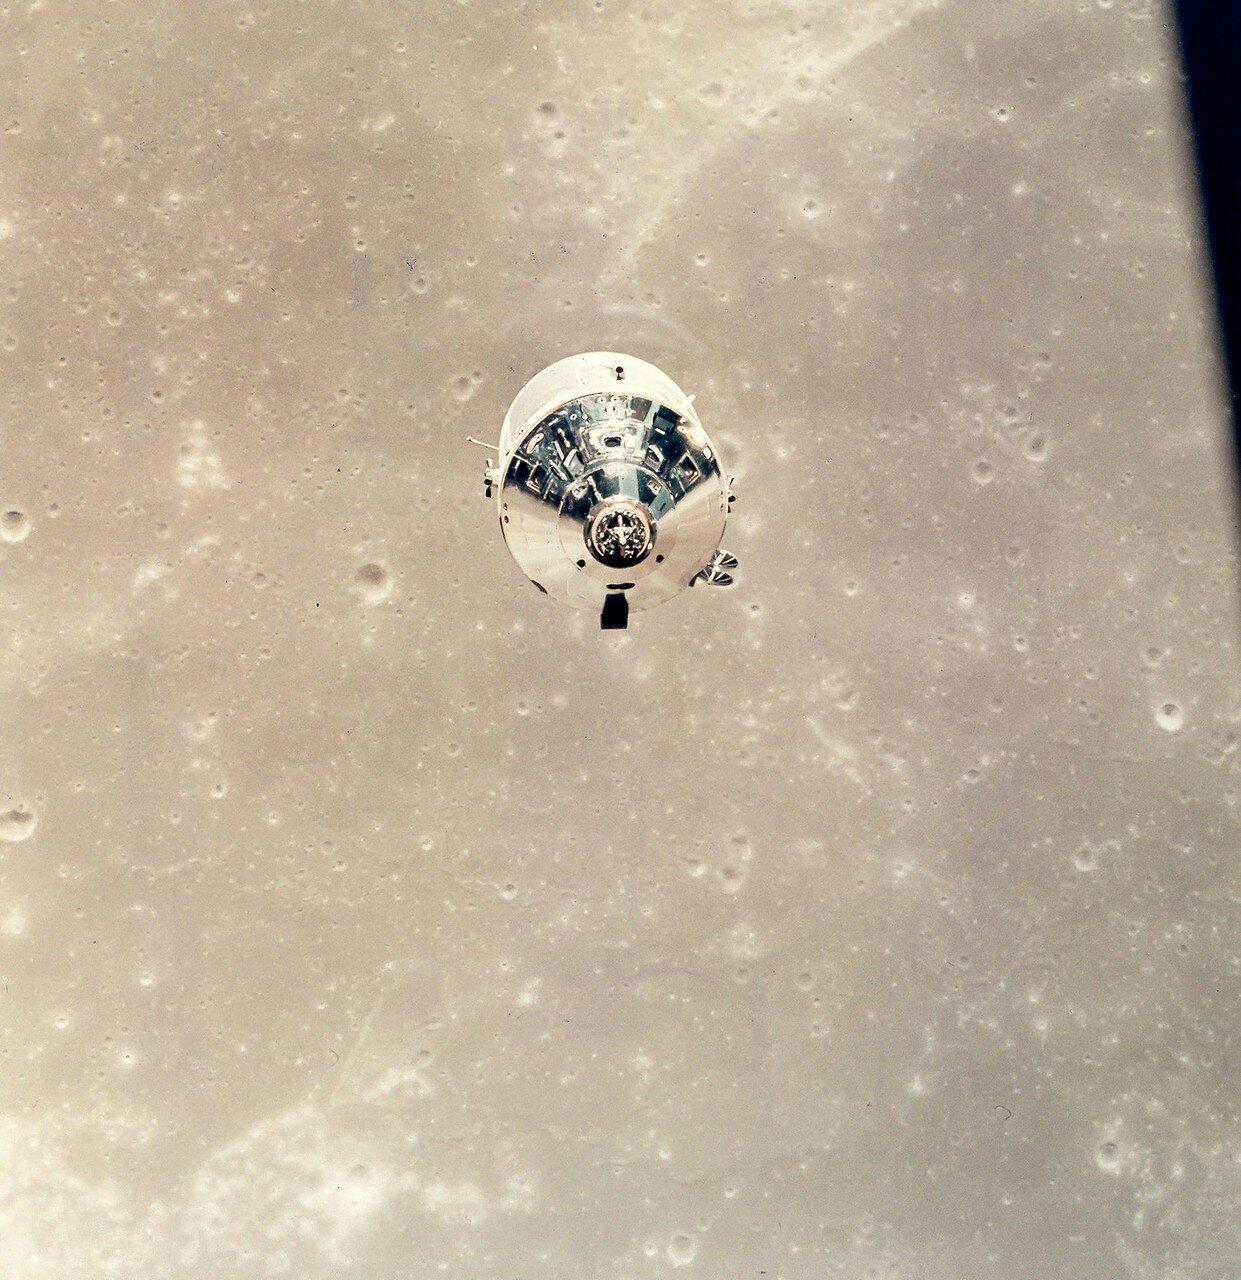 Коллинз отвёл «Колумбию» на расстояние около 1300 м. На снимке: Командный модуль на лунной орбите с Майклом Коллинзом на борту